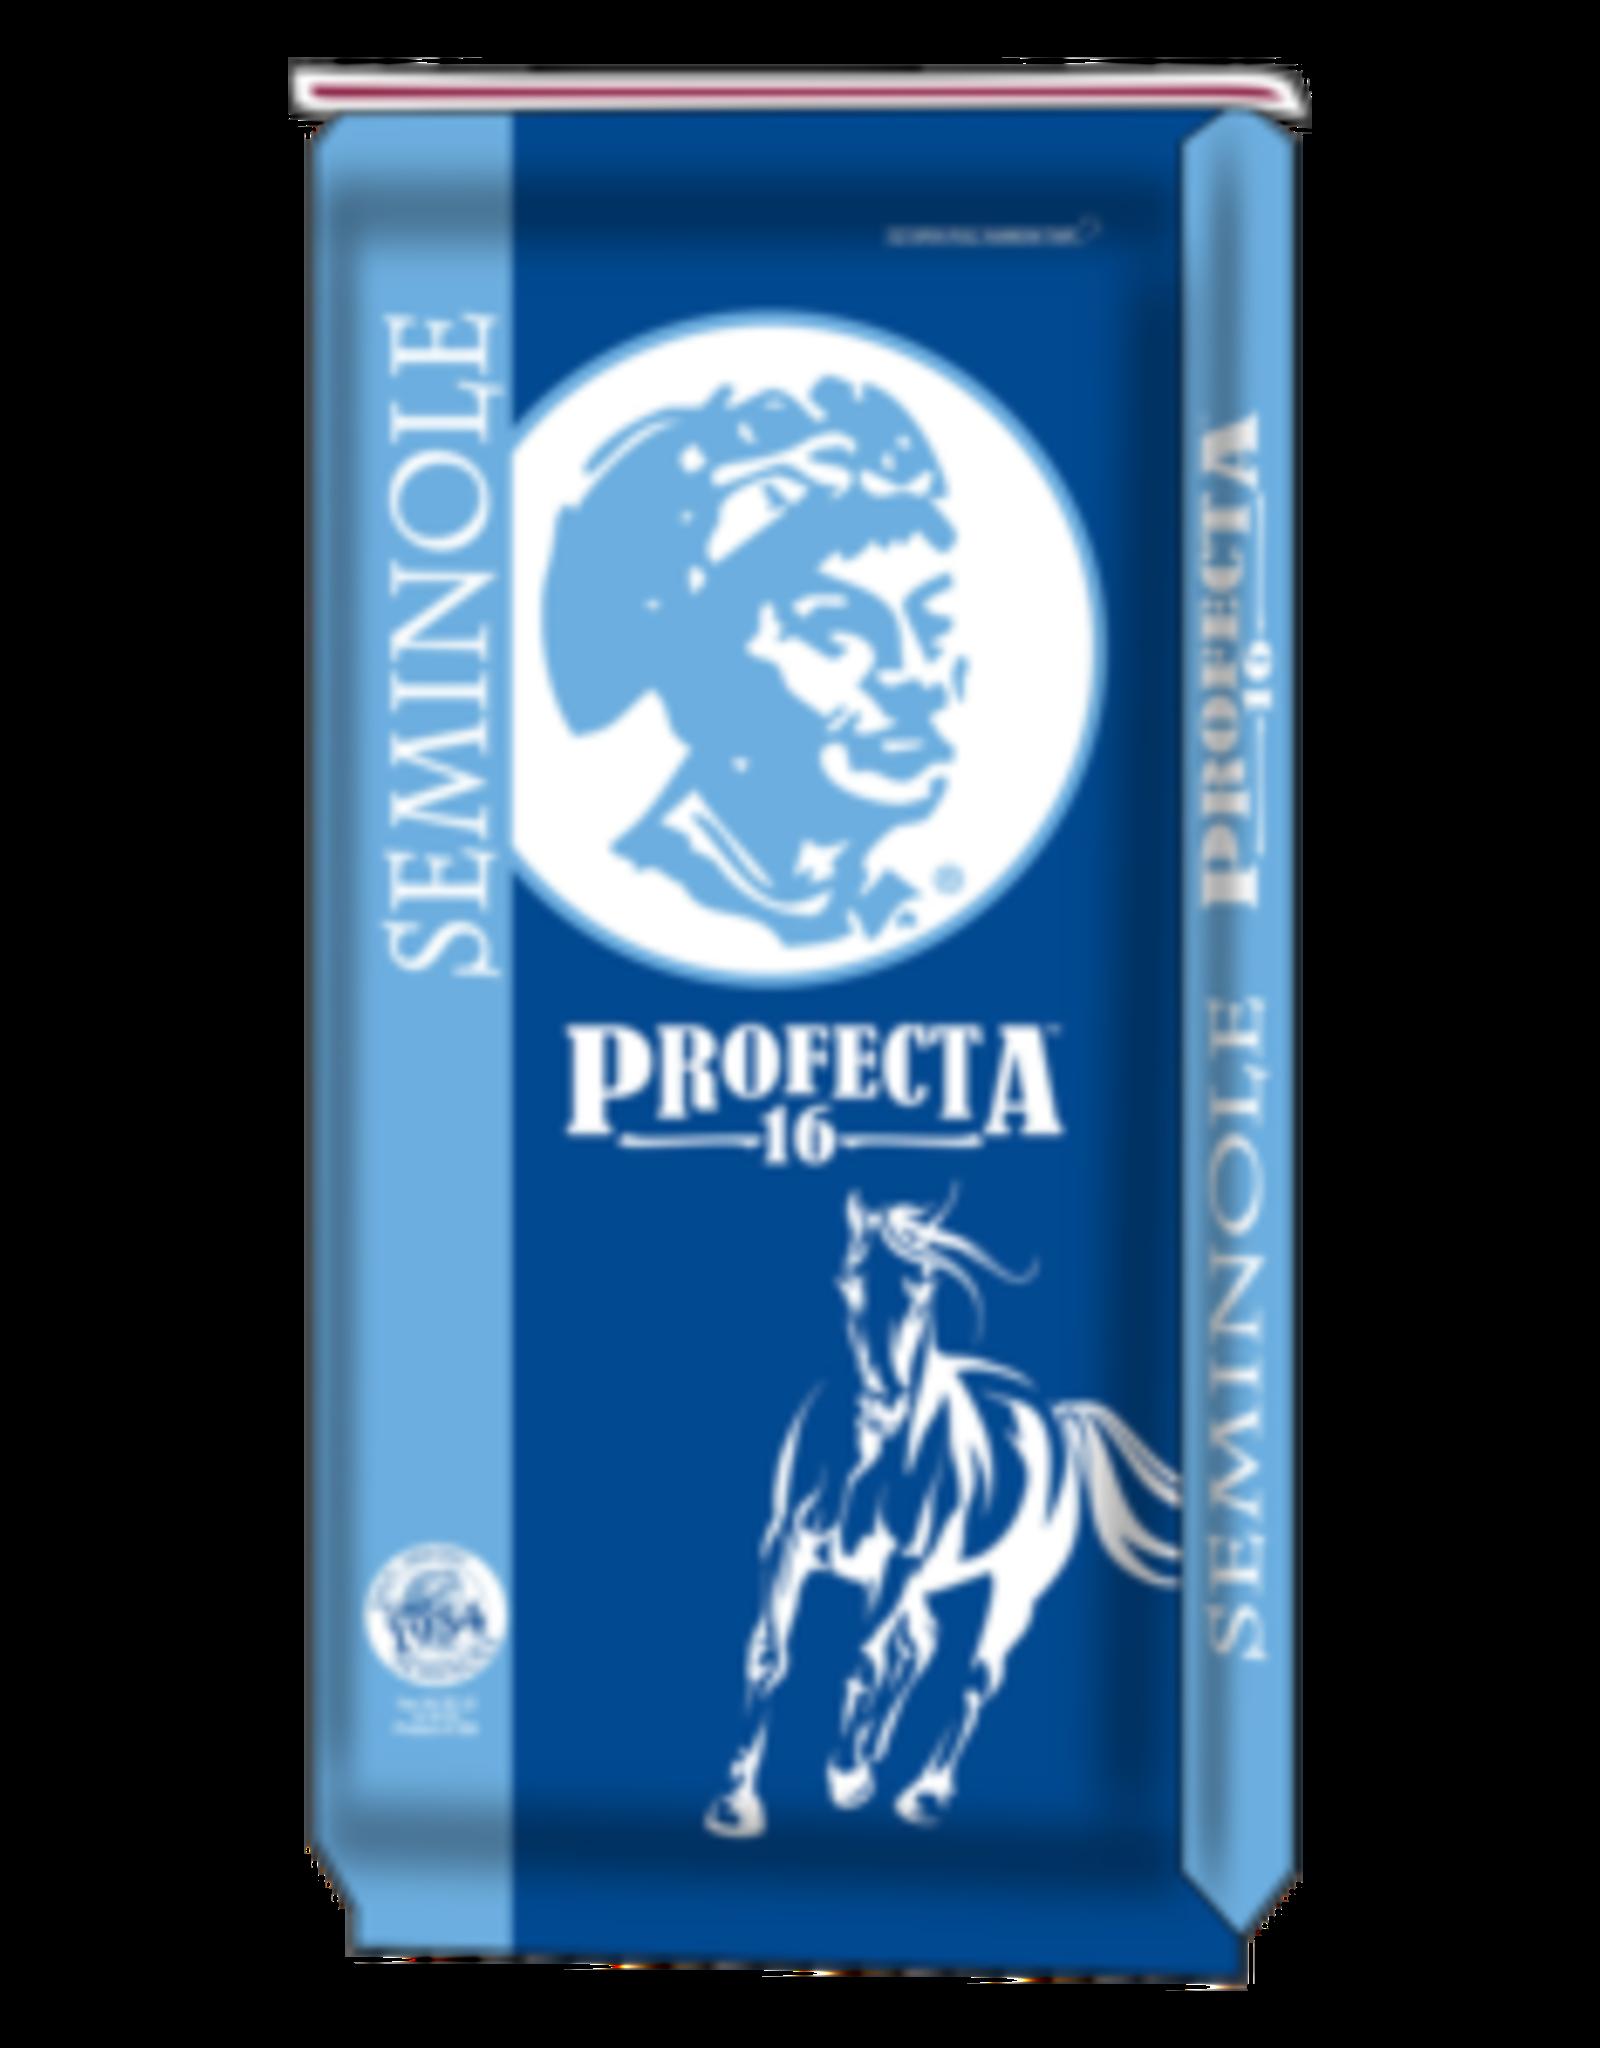 Seminole Feed Profecta 16 Pellet   16/8/11